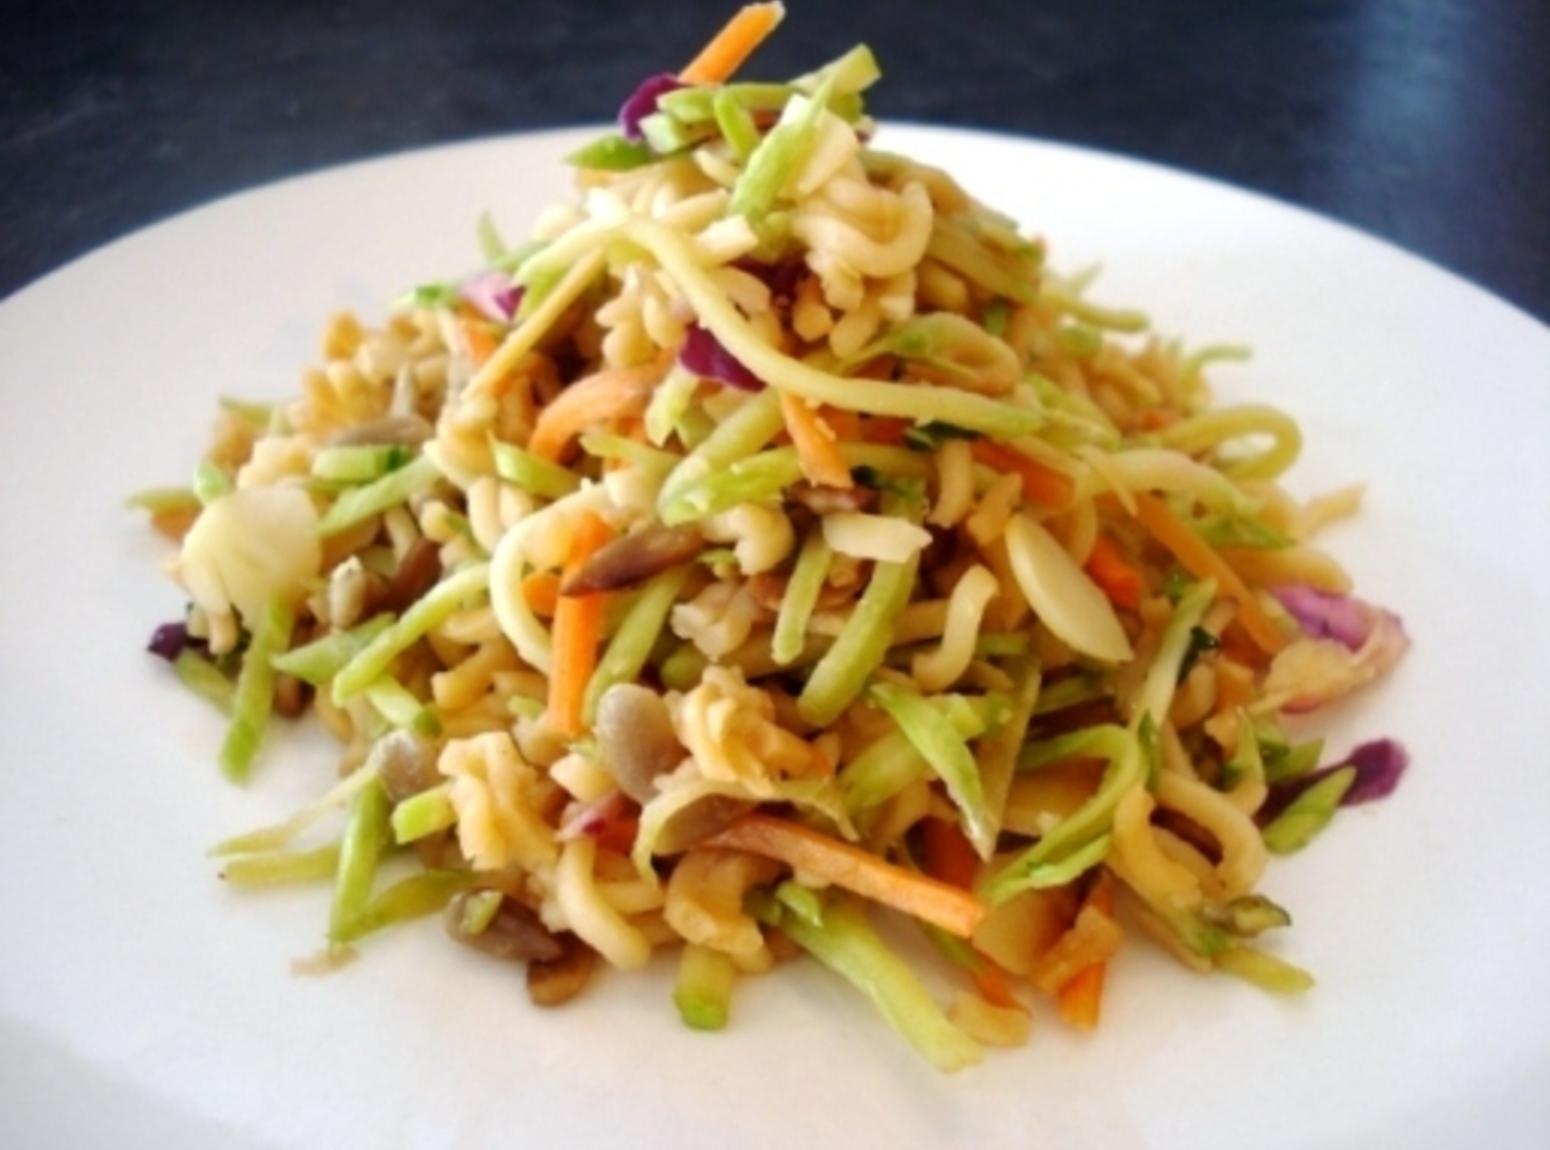 Asian Cole Slaw Recipe Melissa d'Arabian Food Network